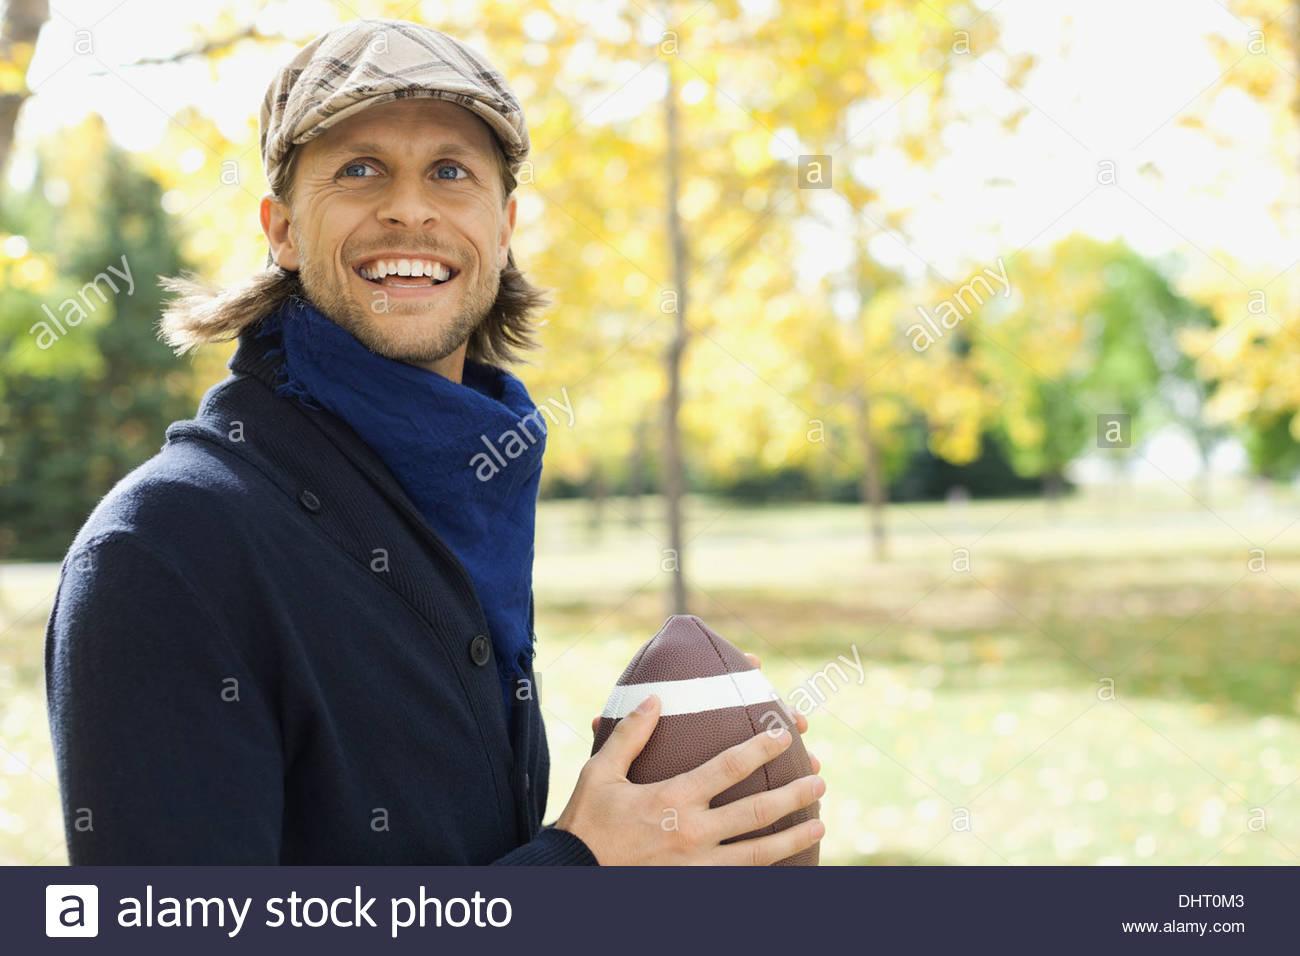 Hombre adulto medio feliz jugando fútbol americano en park Imagen De Stock